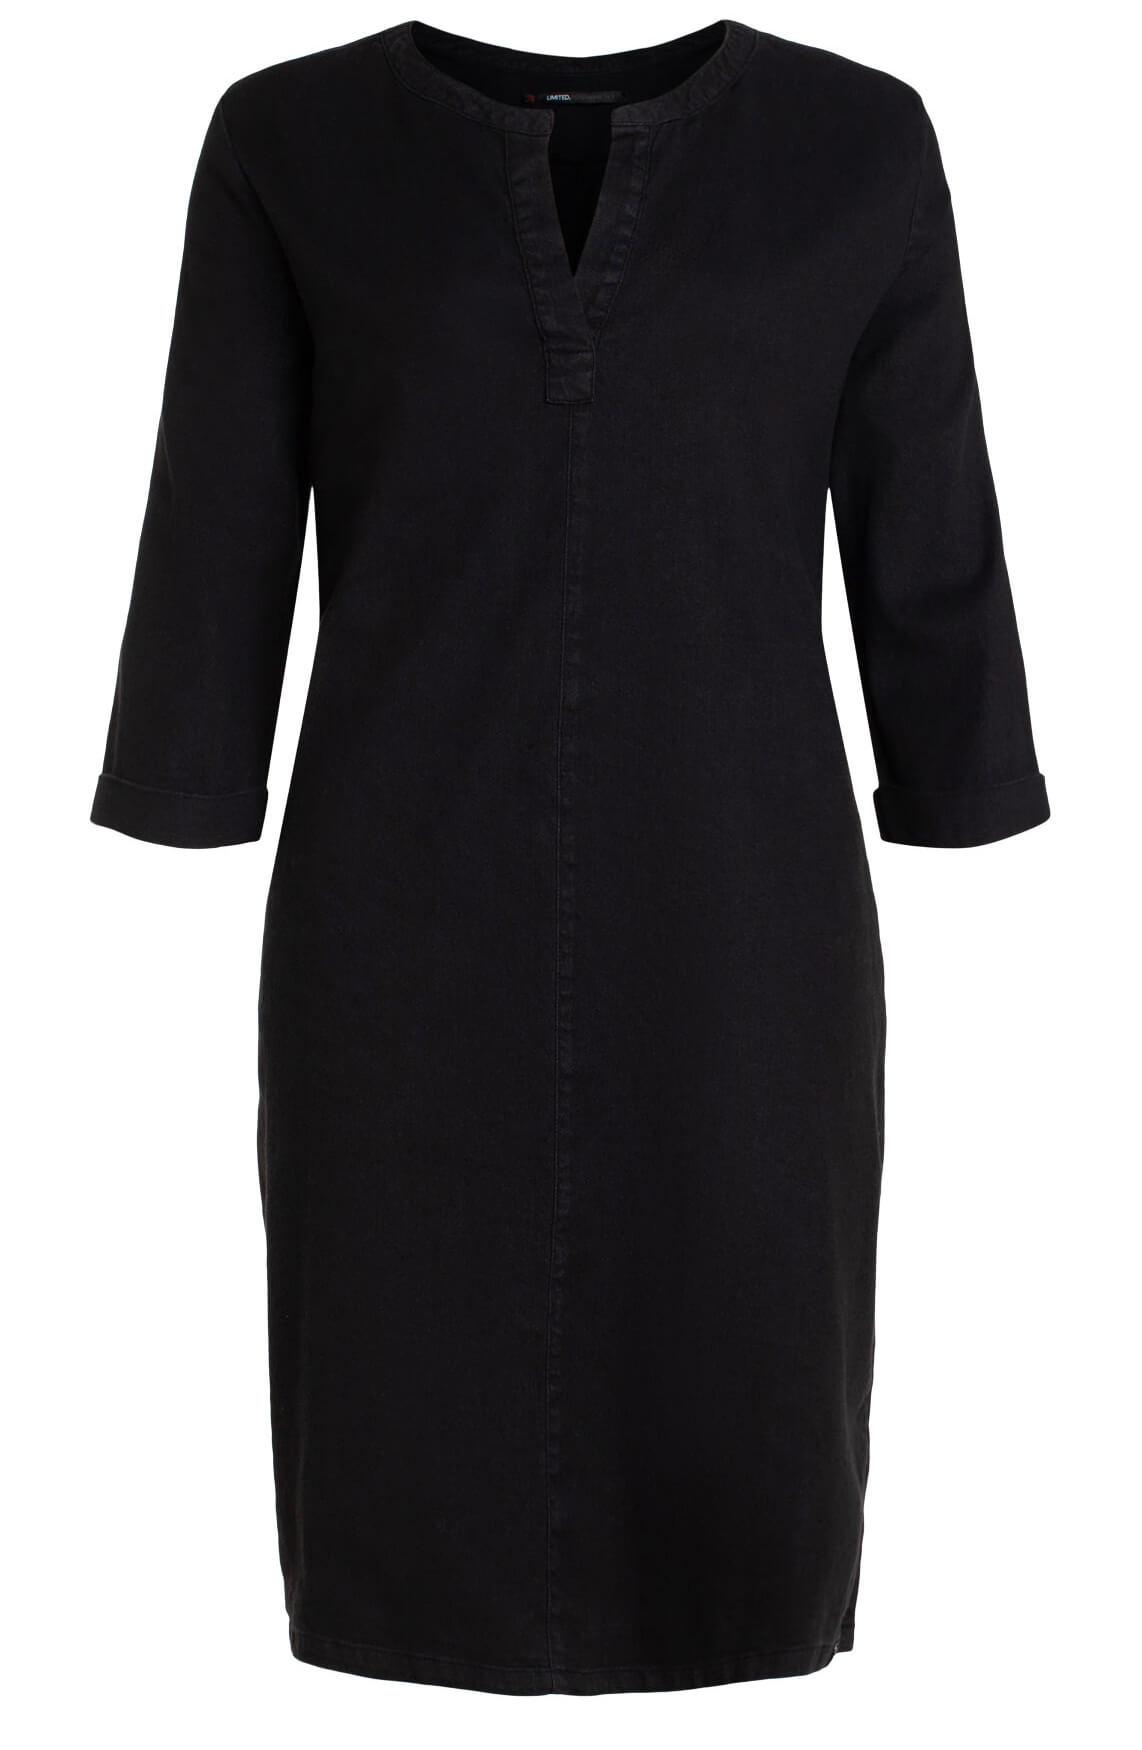 Penn & Ink Dames Materiaalmix jurk met V-hals zwart